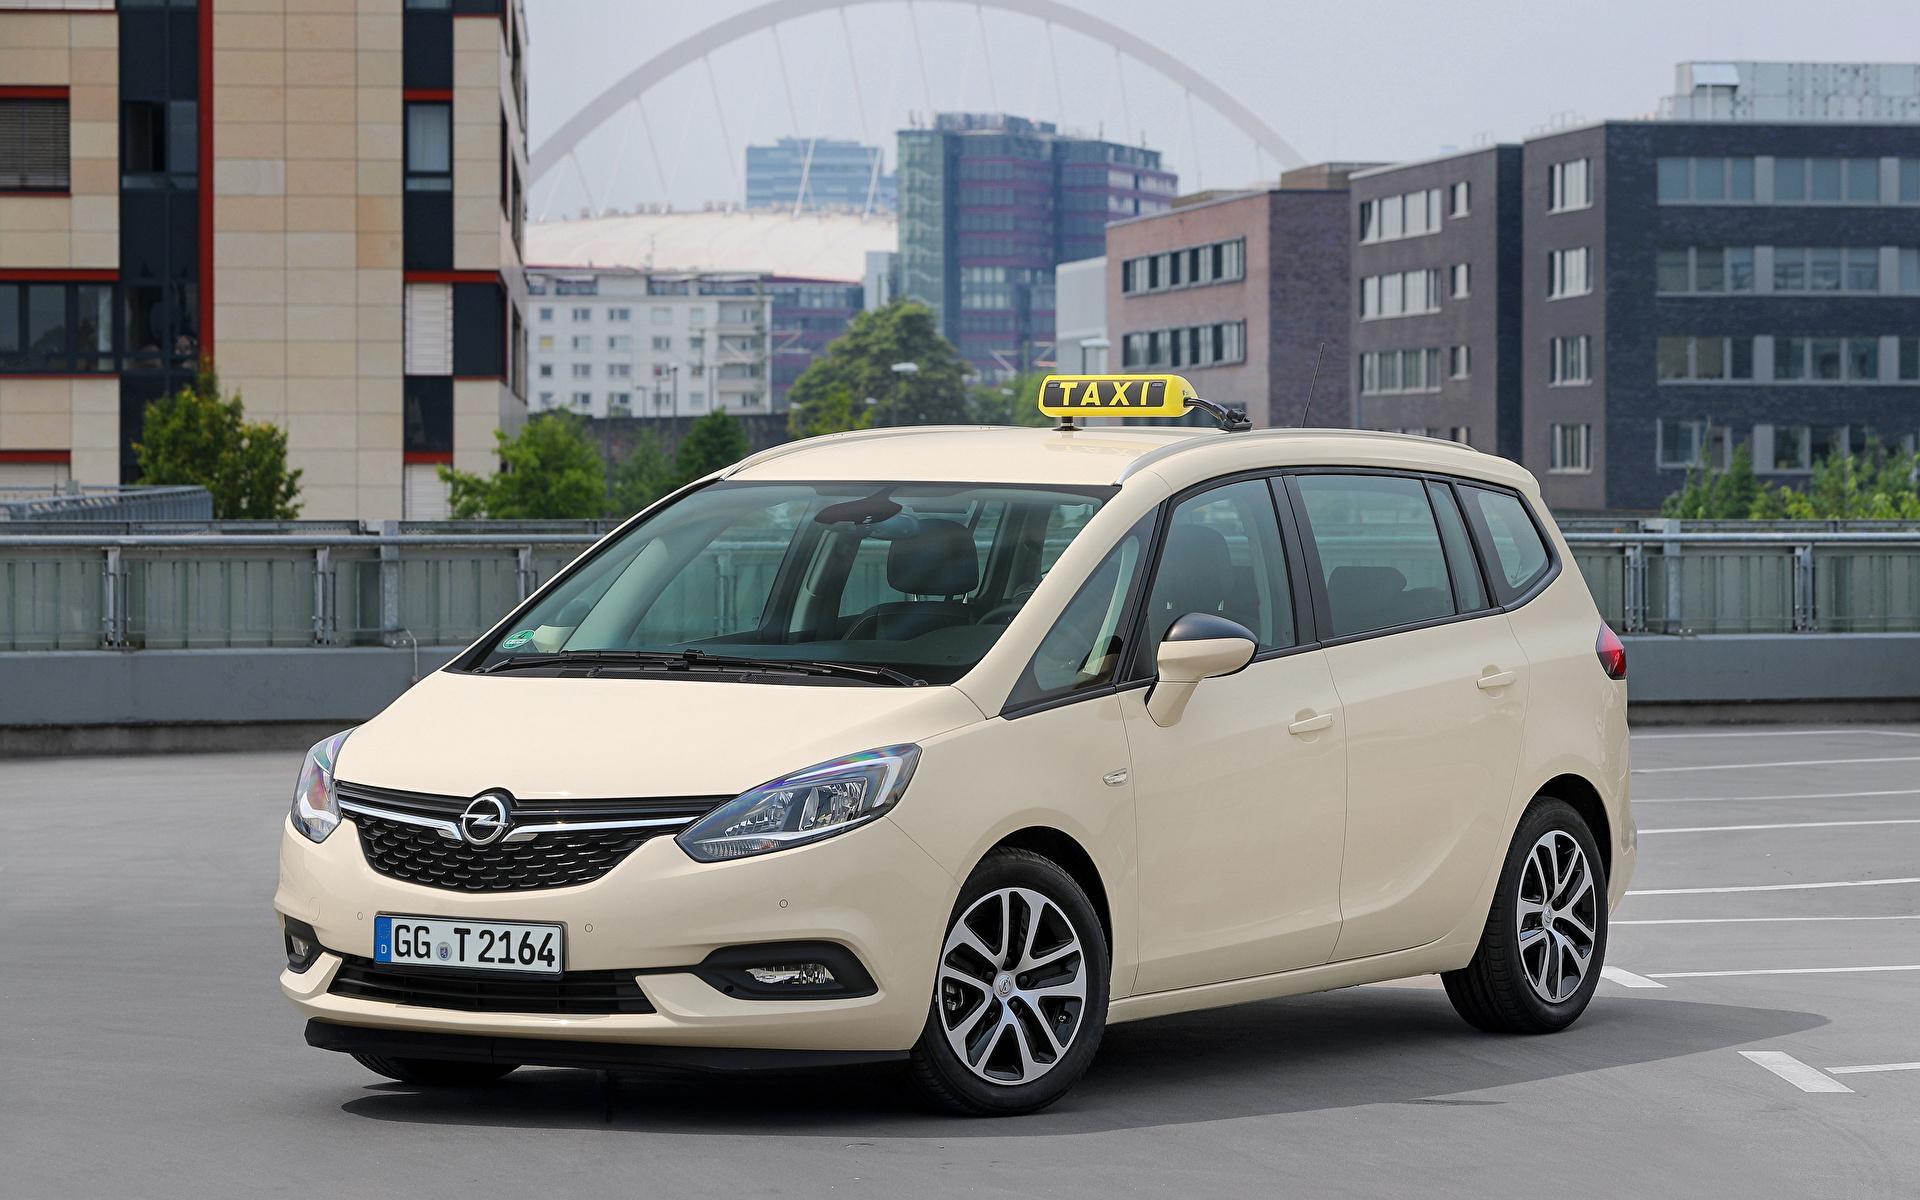 Sfondi del desktop Opel Taxi - Auto 2016-19 Zafira Taxi (C) macchina 1920x1200 Auto macchine automobile autovettura